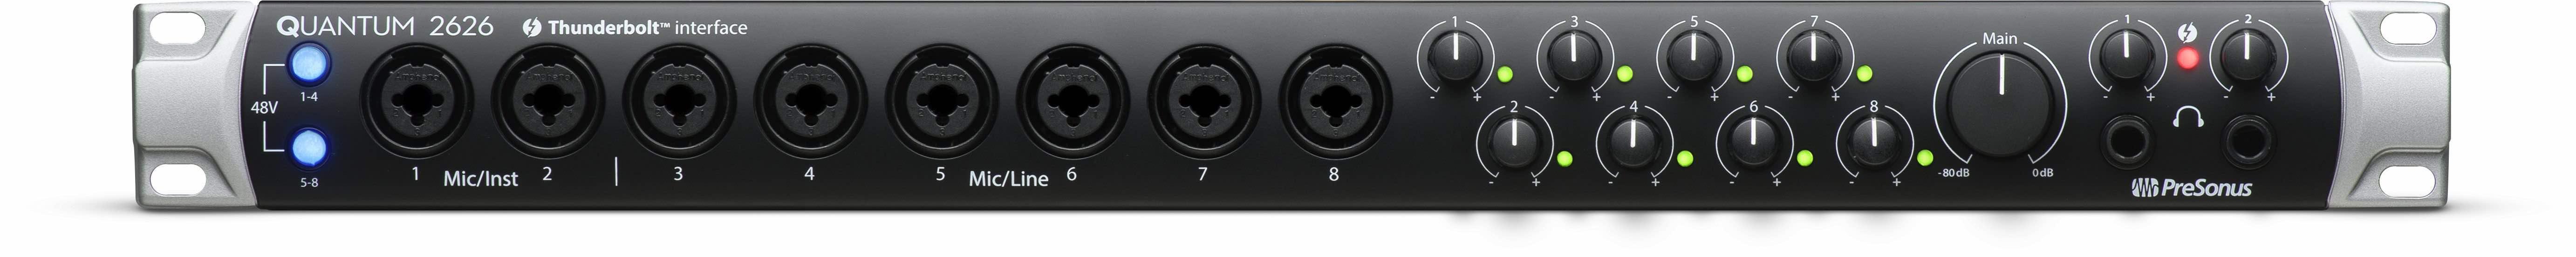 PreSonus Quantum 2626 interfaccia audio pro rec studio home project hardware midi music audiofader